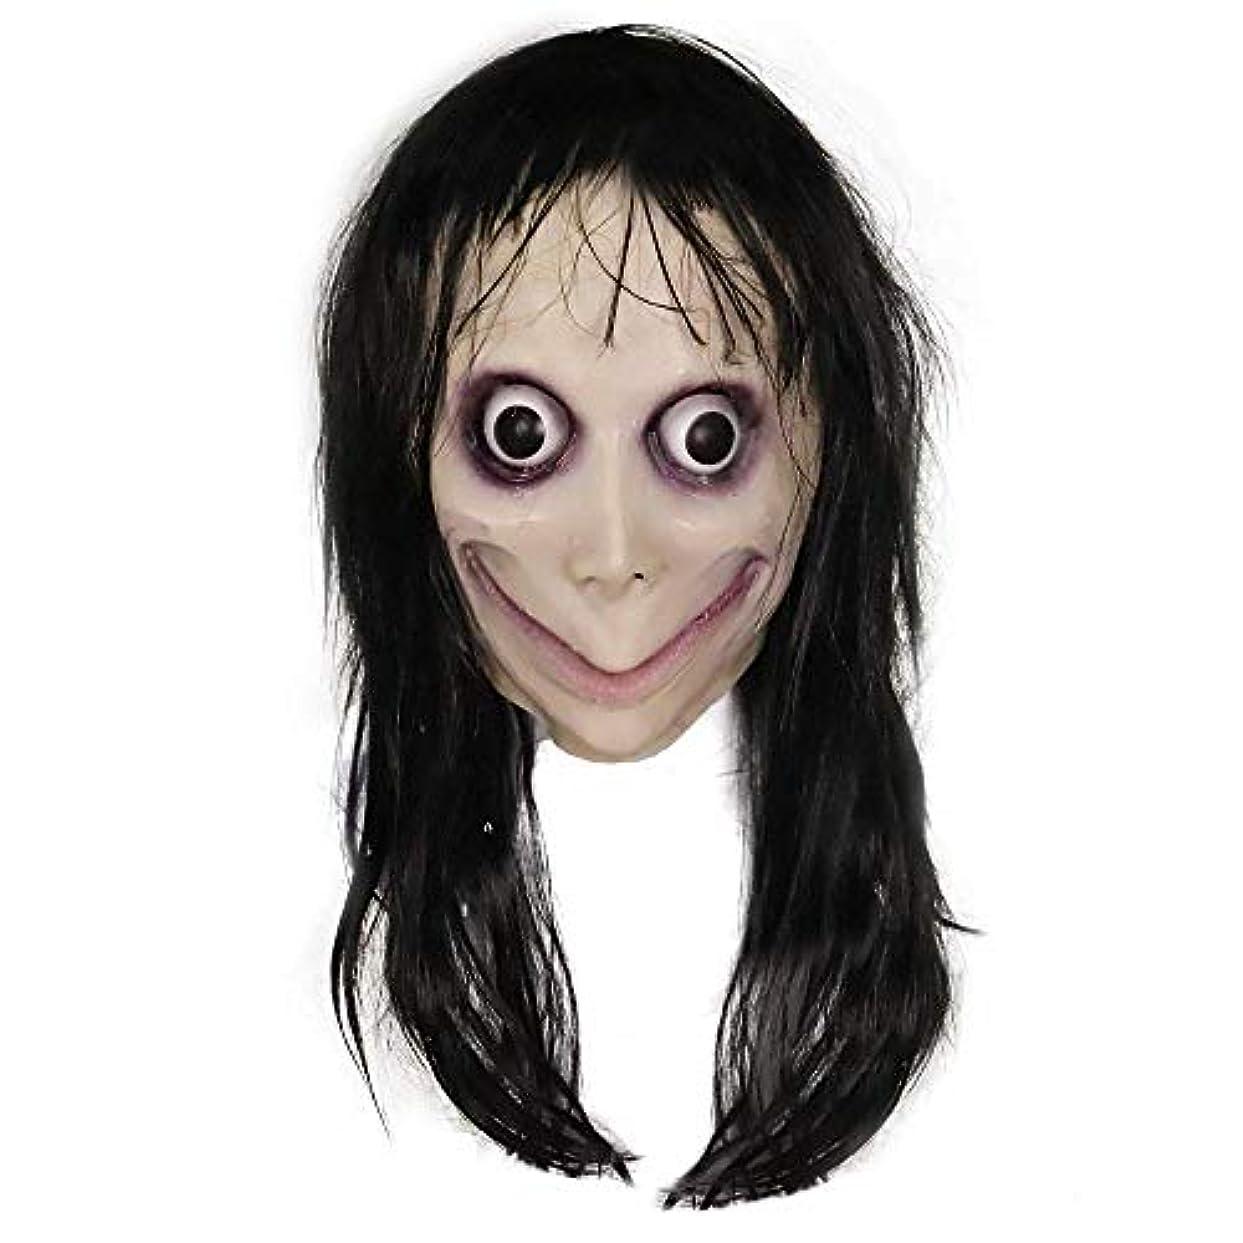 解任苦しむ失望させる不気味なマスク、髪怖いゲームモモマスク、ロールプレイング小道具マスク子供大人ホラー恐怖ゴーストヘルメットラテックスマスクファンシーボールハロウィーンパーティー